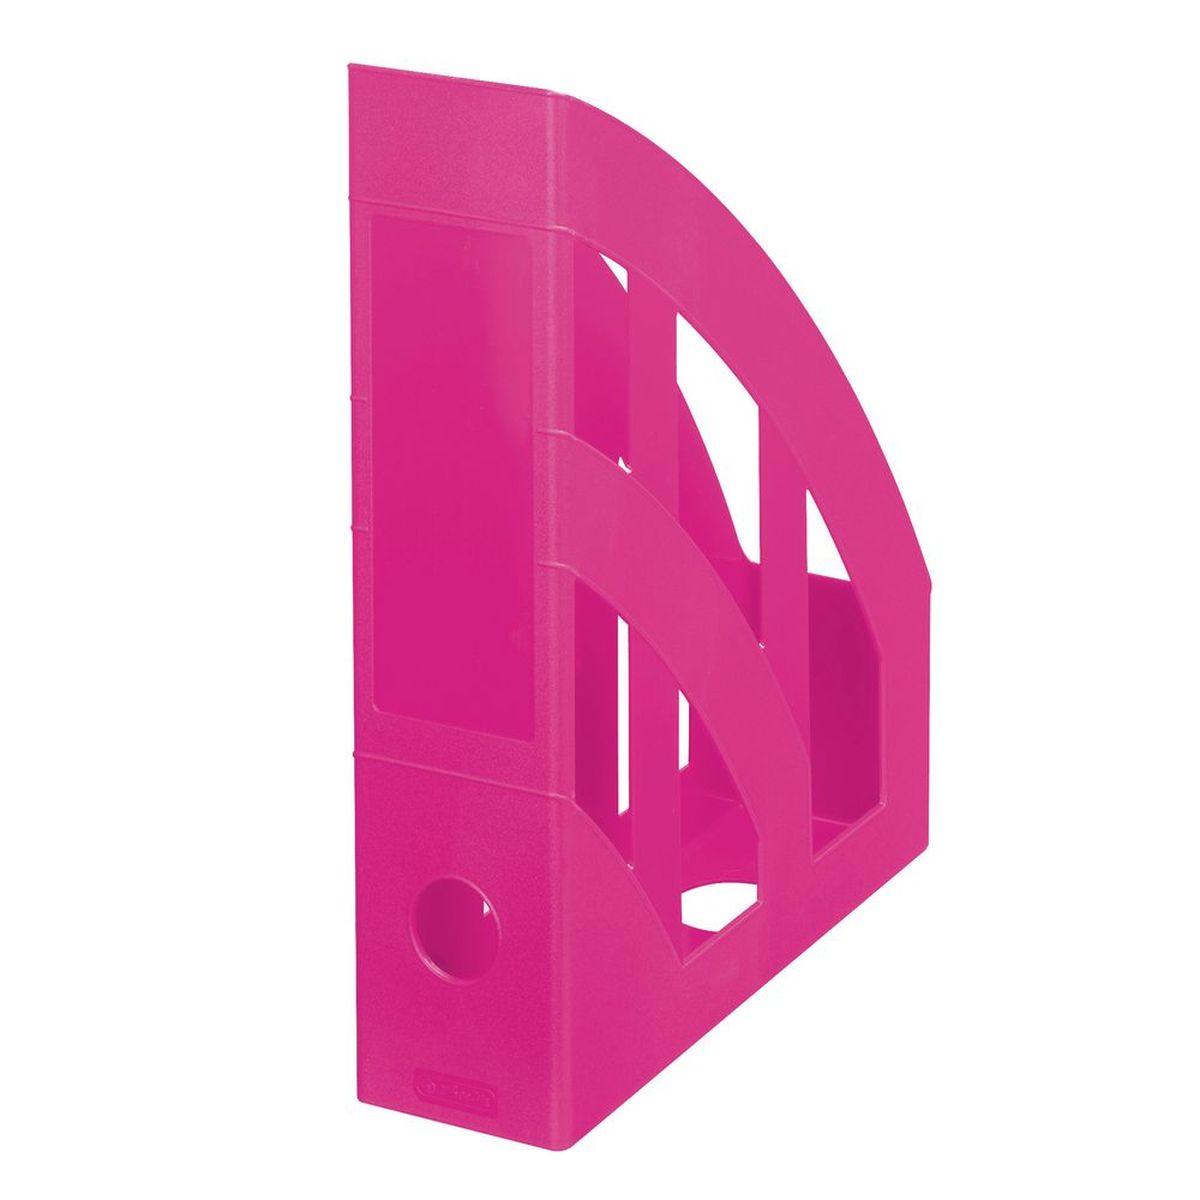 Herlitz Подставка для документов Classic цвет розовый -  Лотки, подставки для бумаг